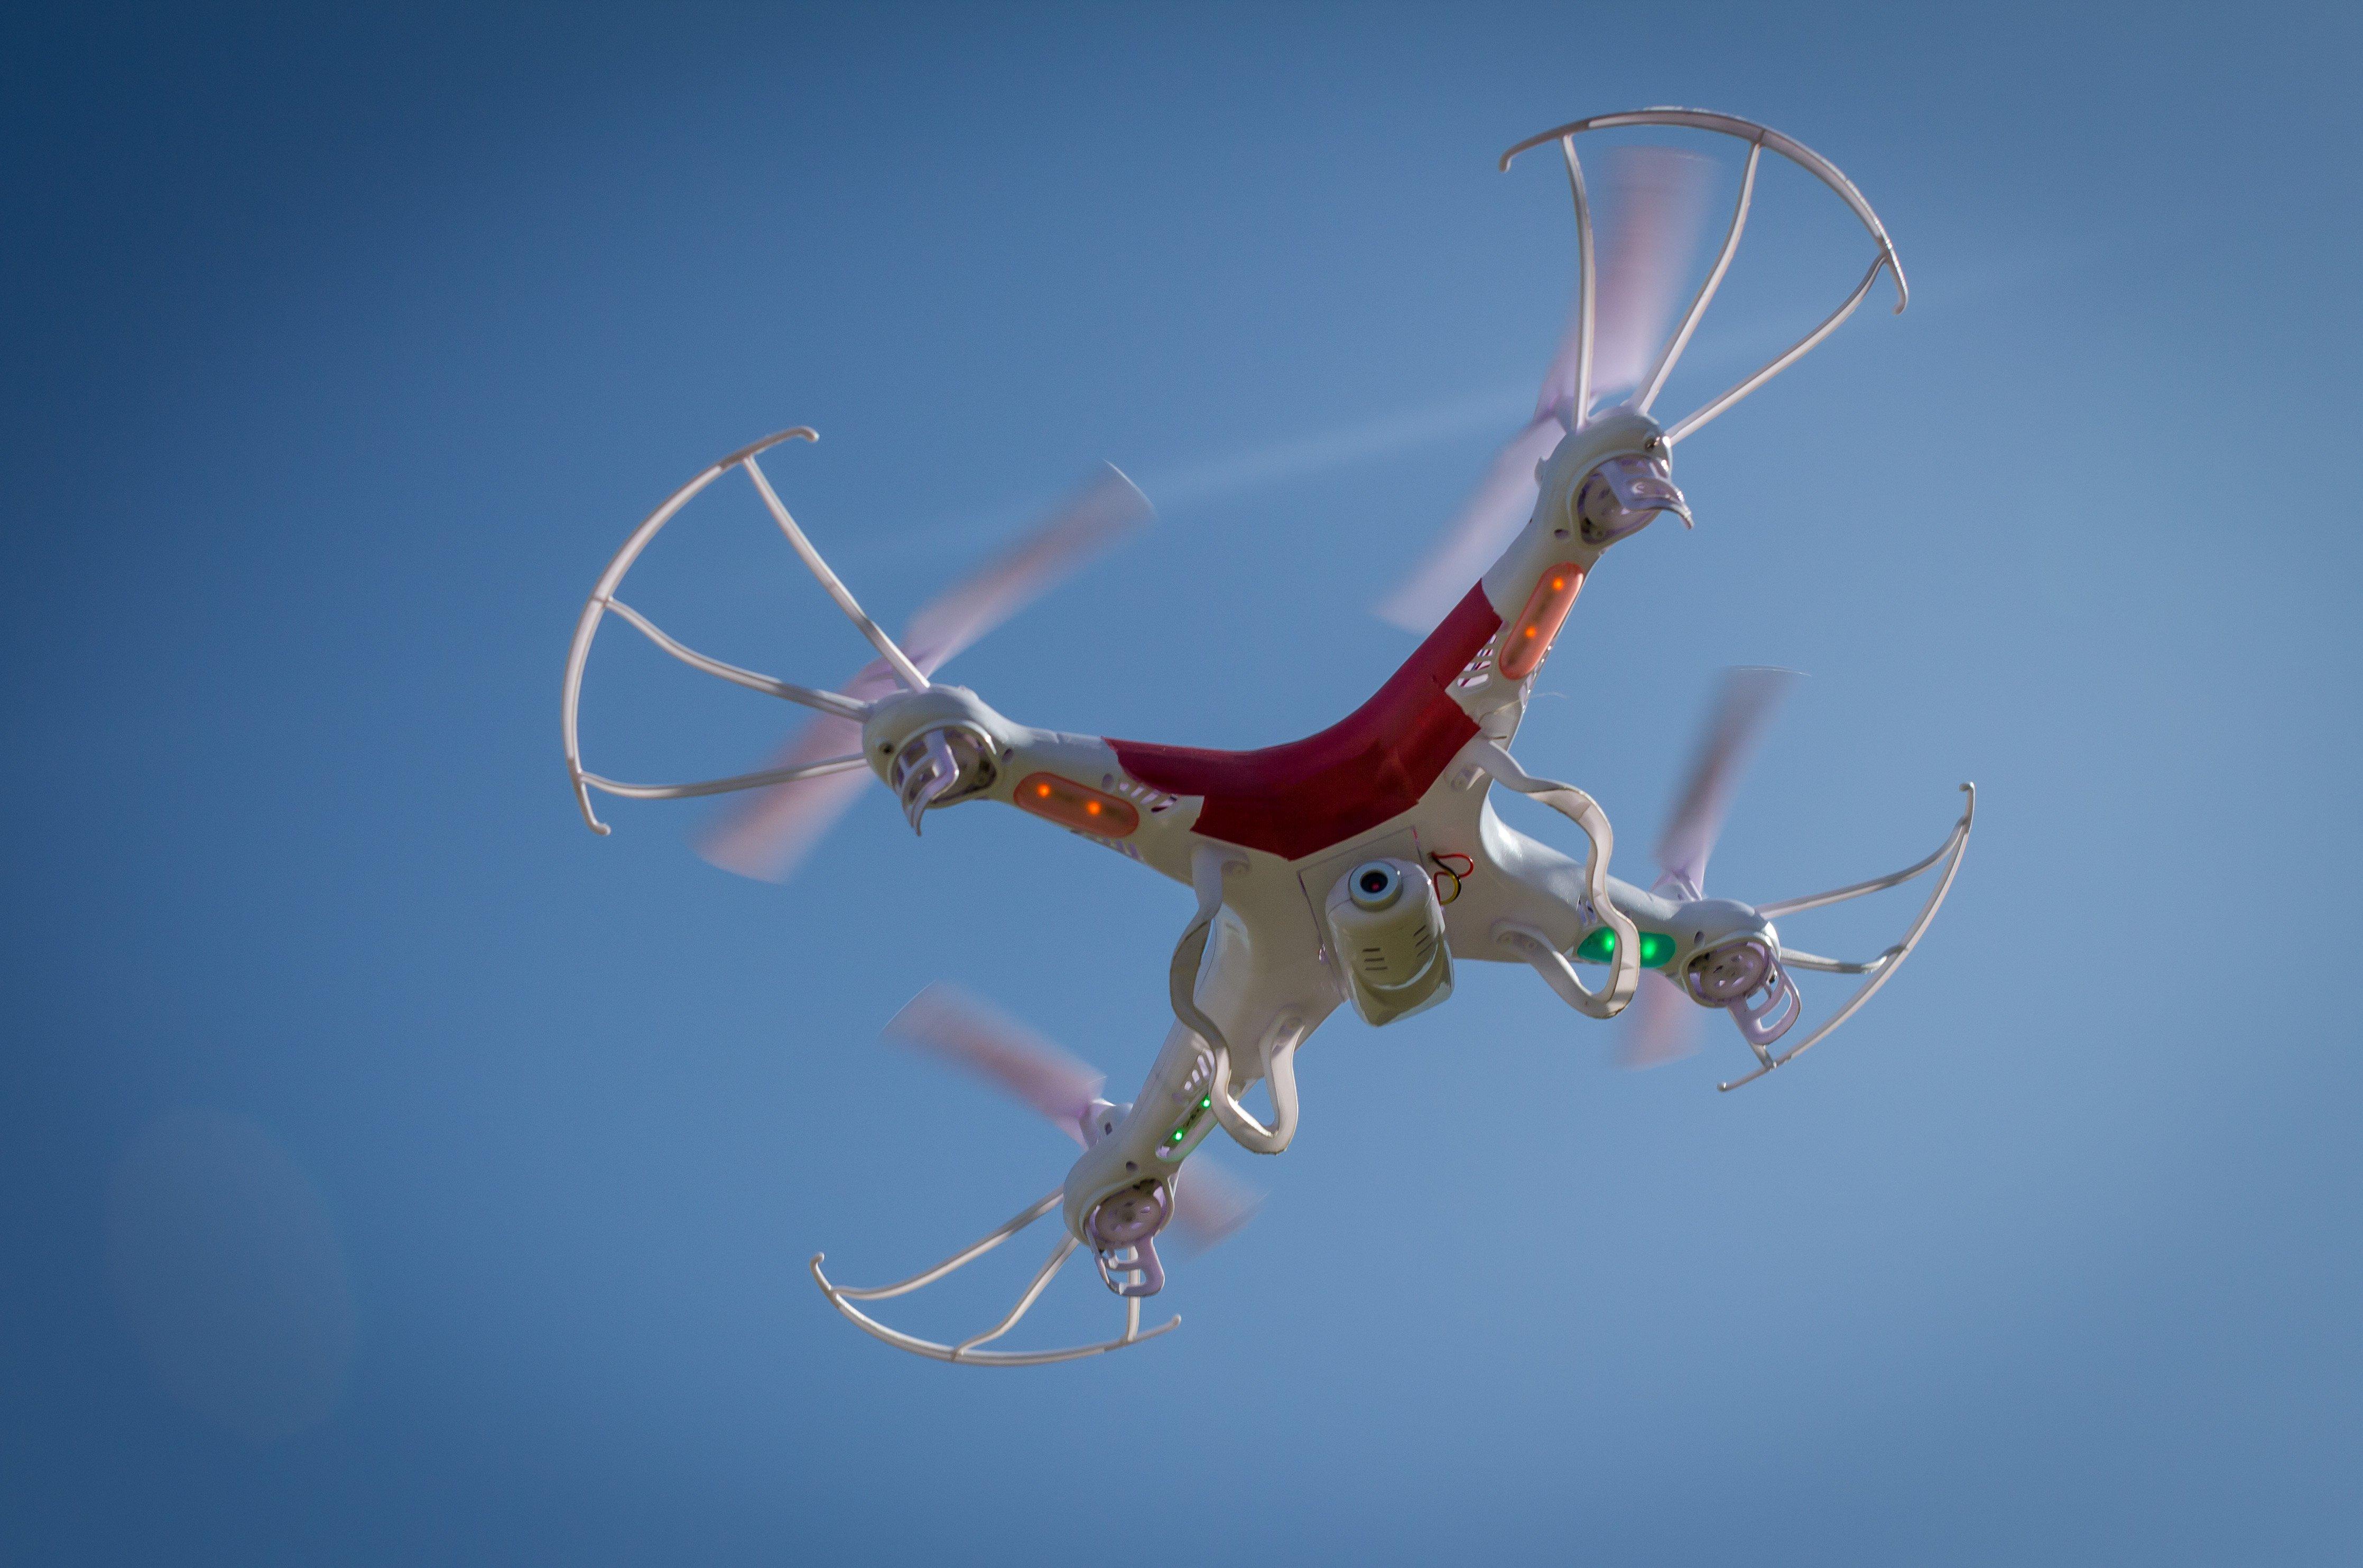 zaidimai su dronais_dronas_aktyvios pramogos_pramogos pajuryje_ka veikti nidoje_nida_irklakojis